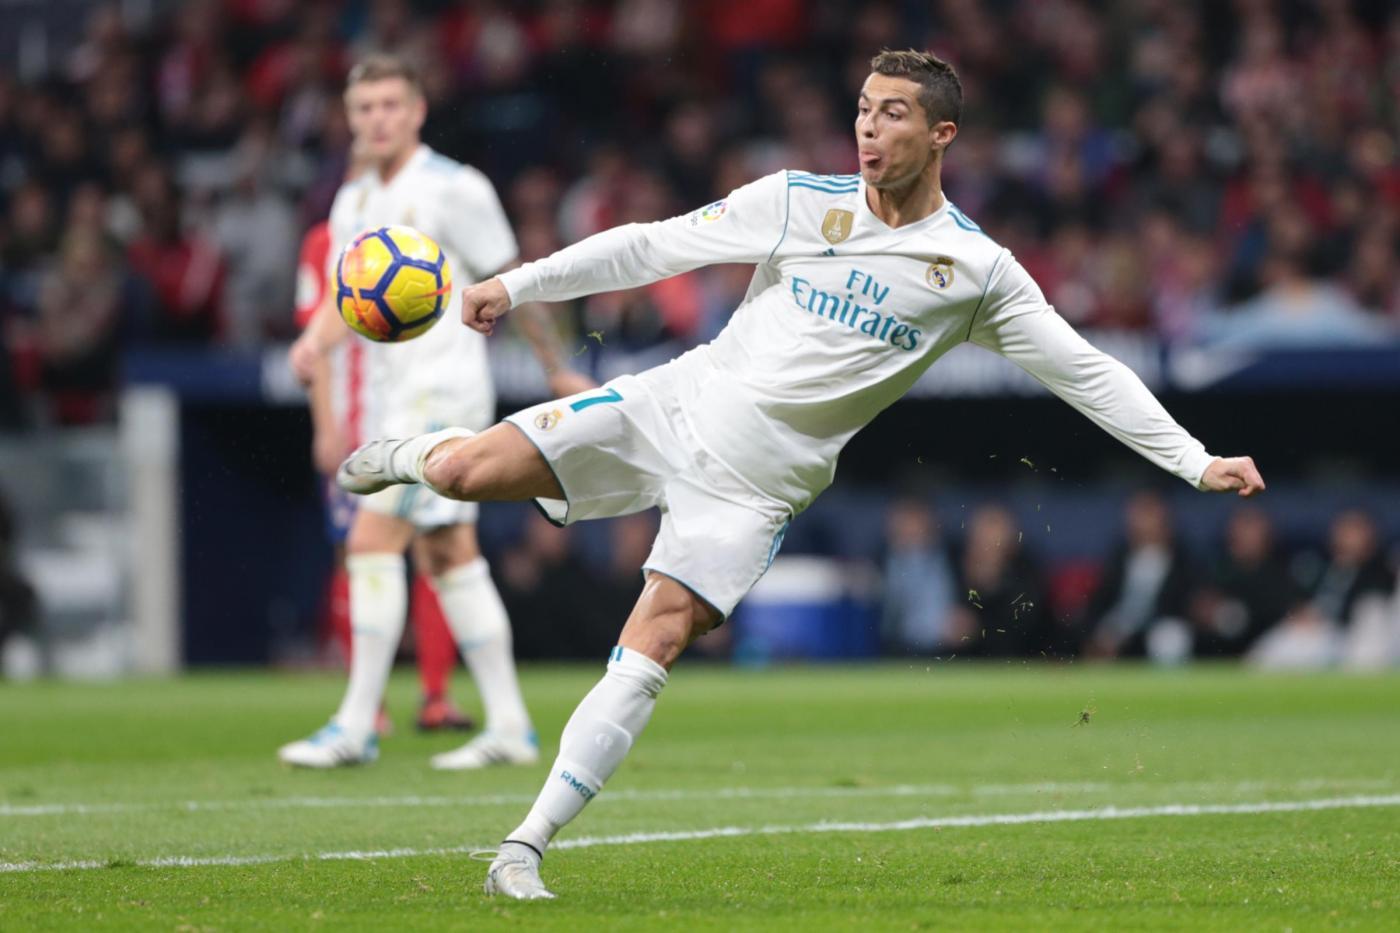 LaLiga, Real Madrid-Ath. Bilbao 18 aprile: analisi e pronostico della giornata della massima divisione calcistica spagnola, analisi e pronostico LaLiga